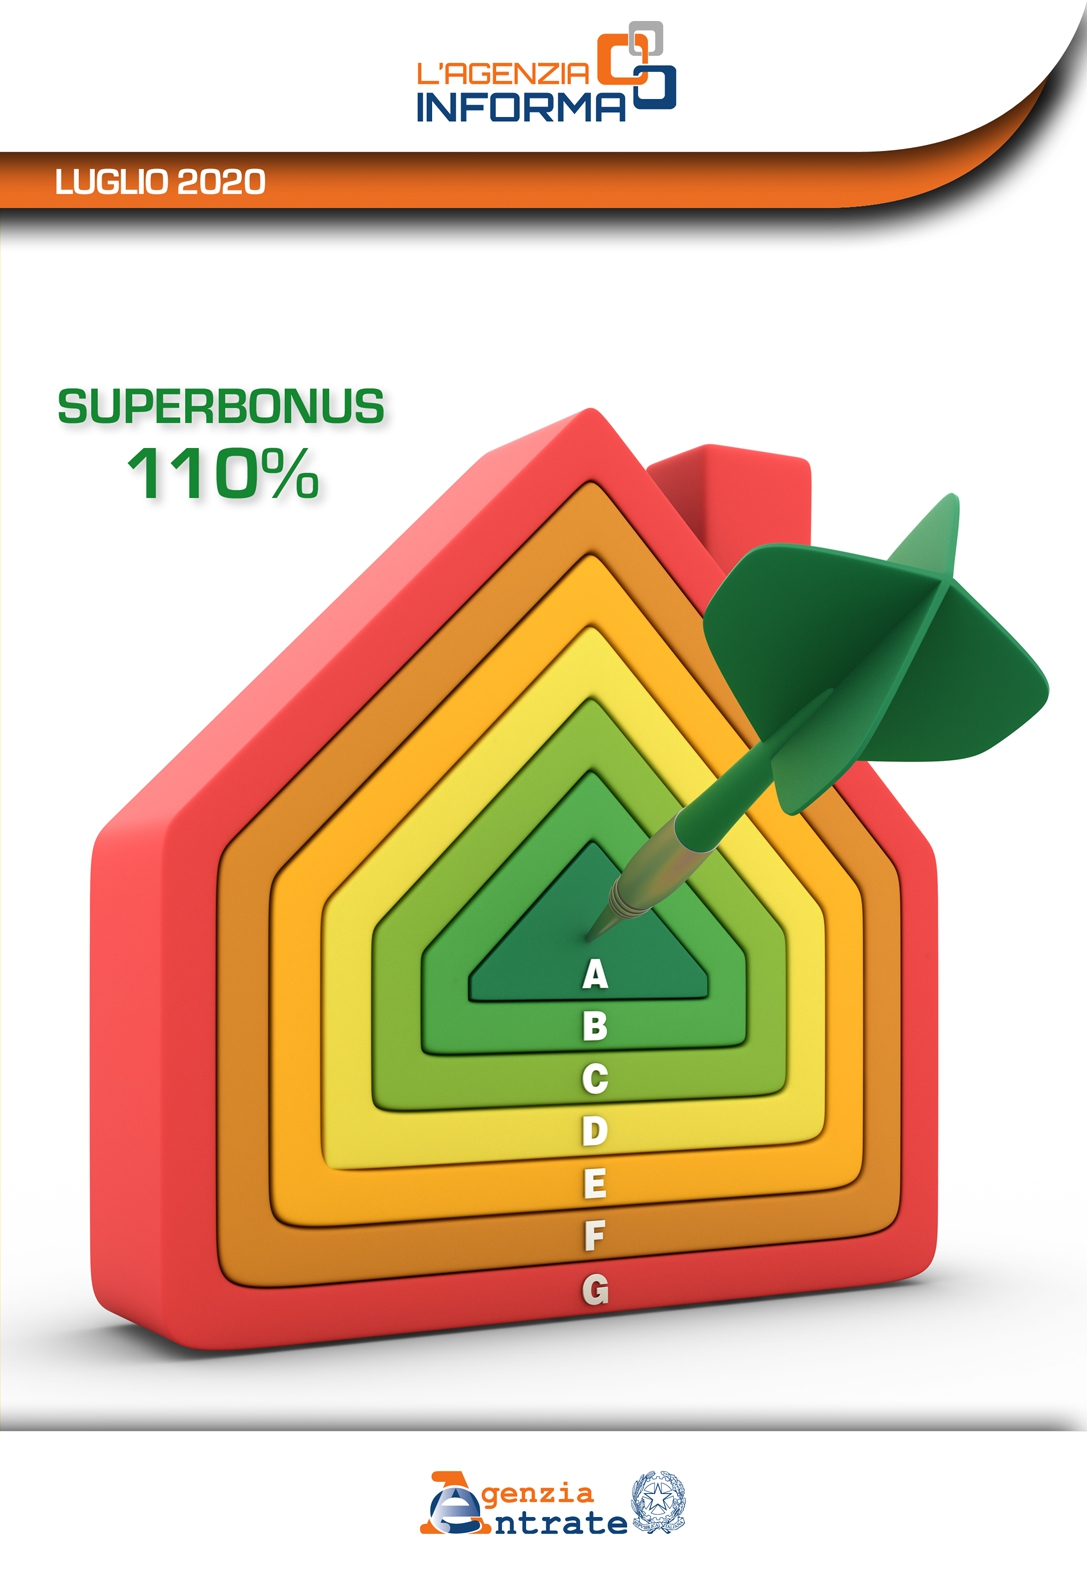 Guida Agenzia delle Entrate – Superbonus 110% (Luglio 2020)